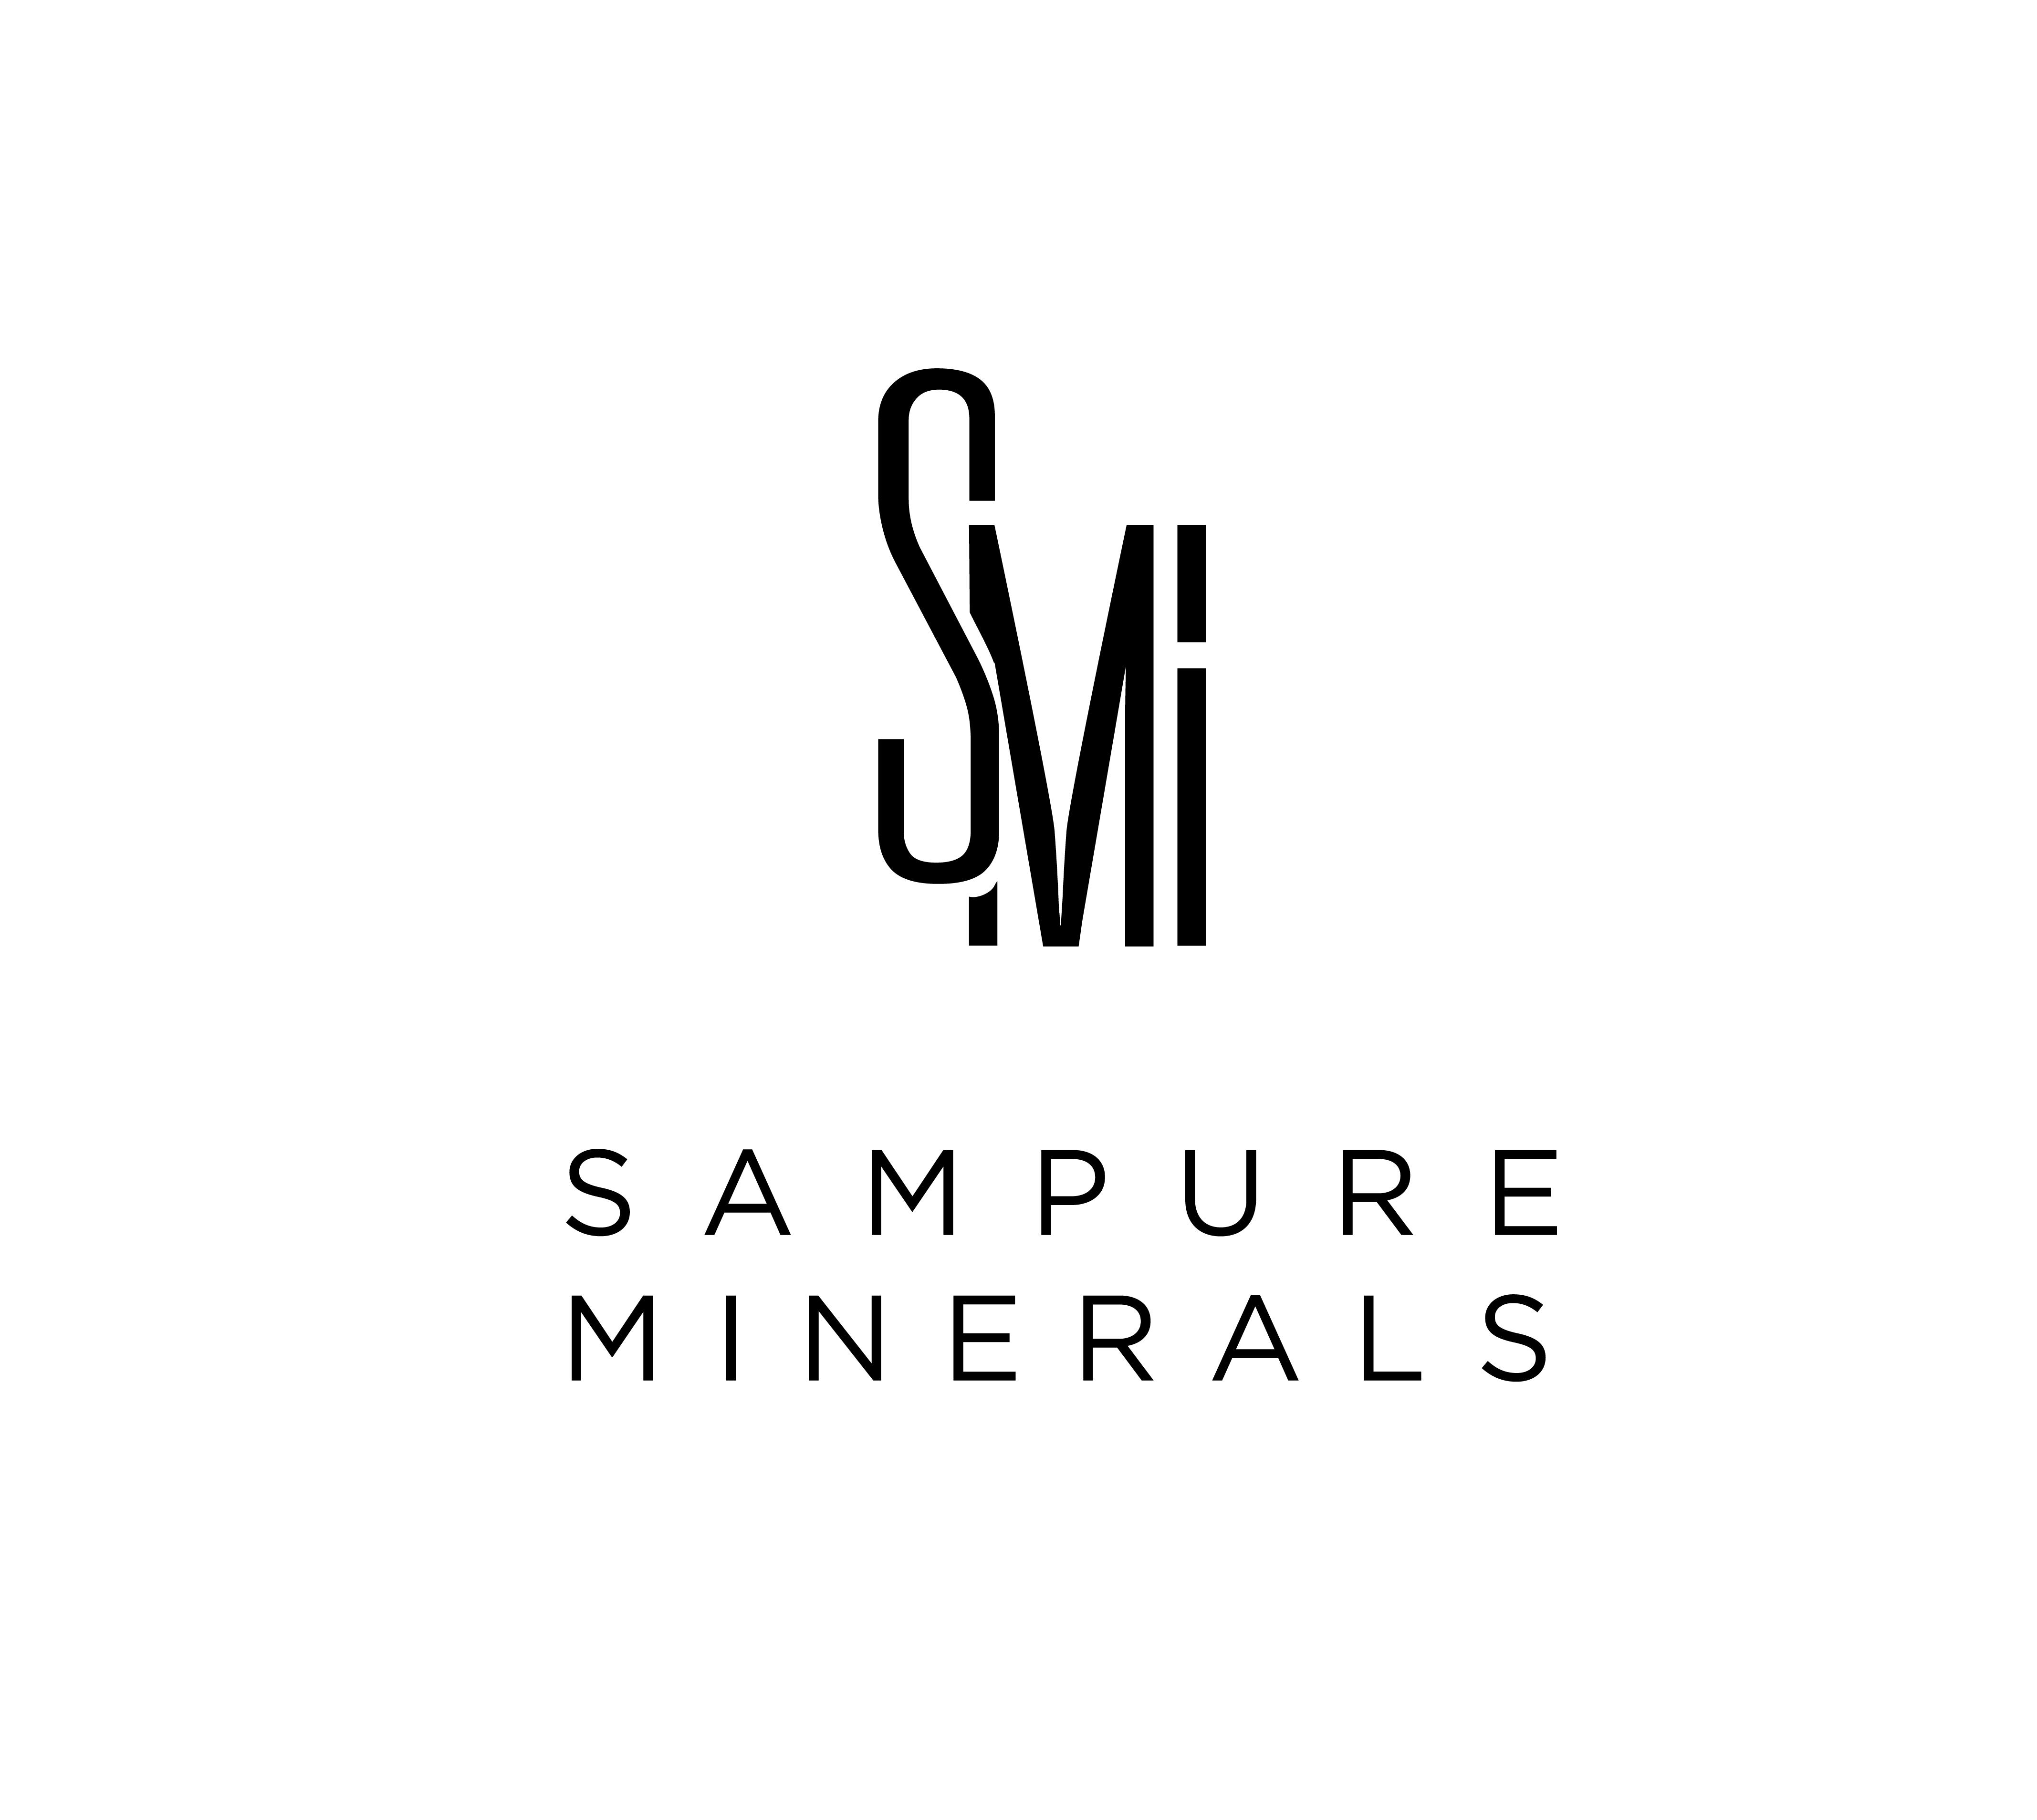 Sampure Minerals logo